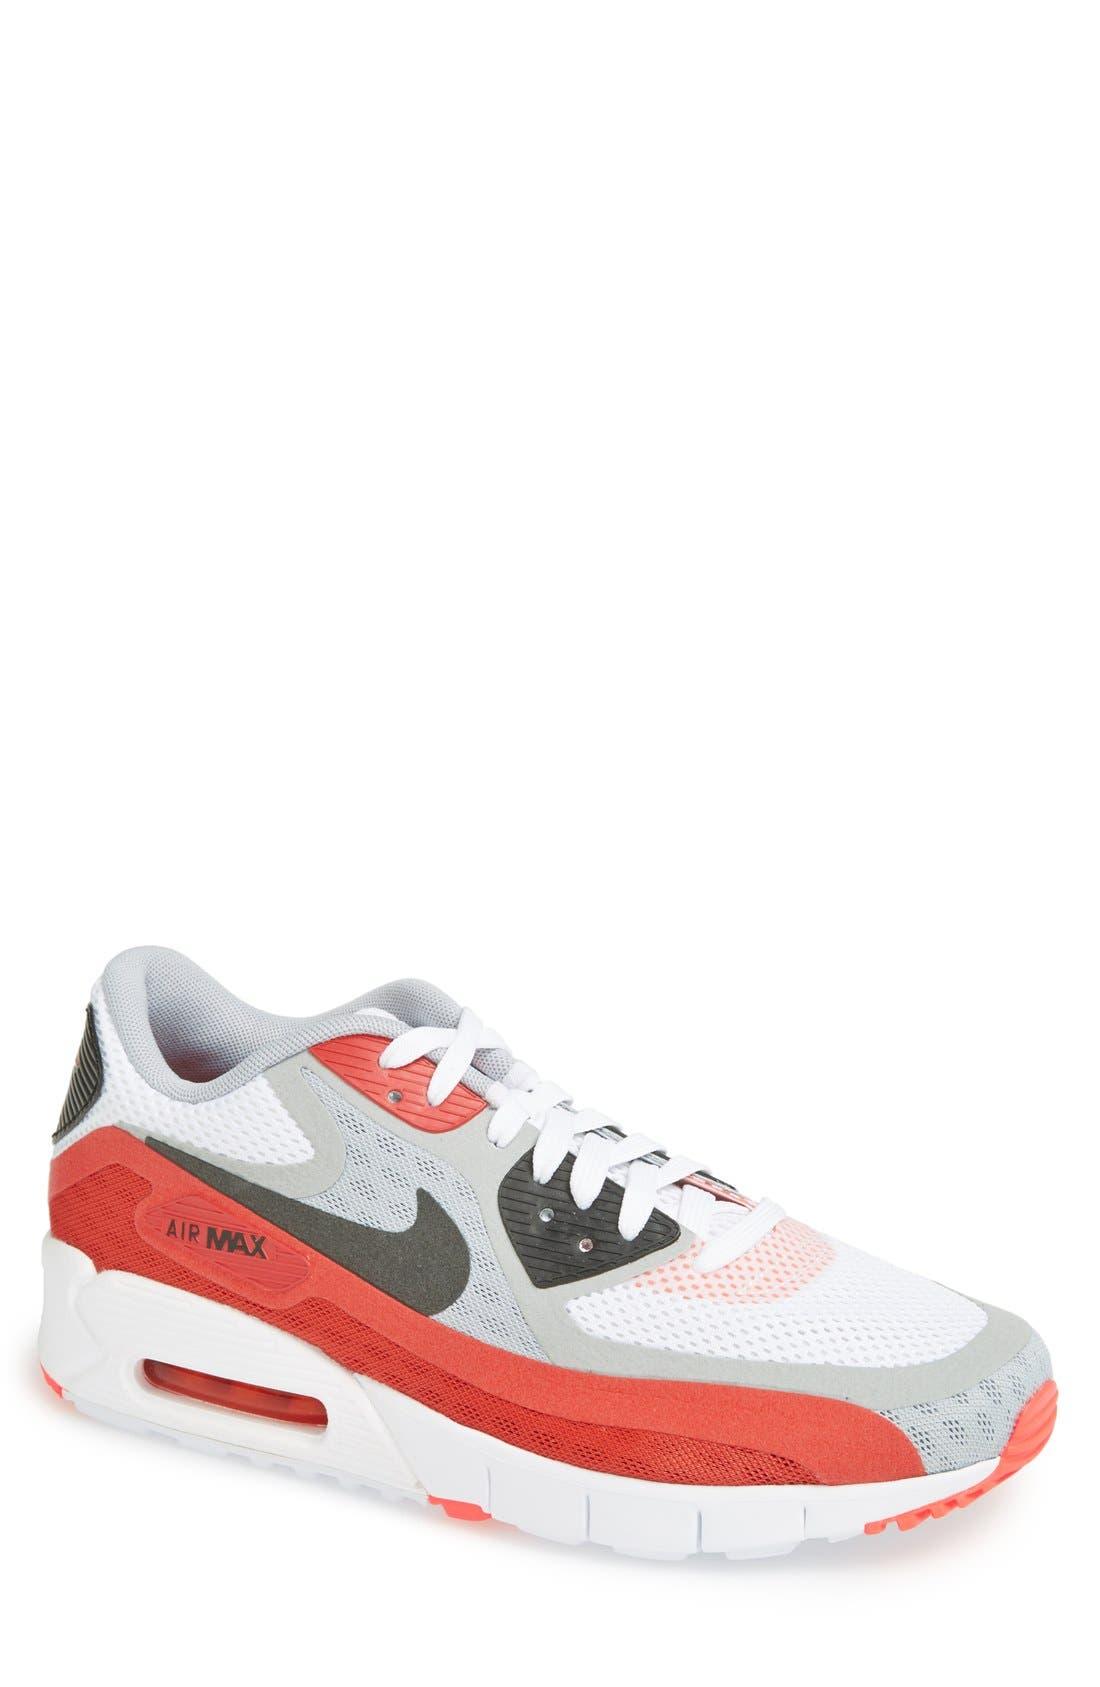 Alternate Image 1 Selected - Nike 'Air Max 90 Breeze' Sneaker (Men)